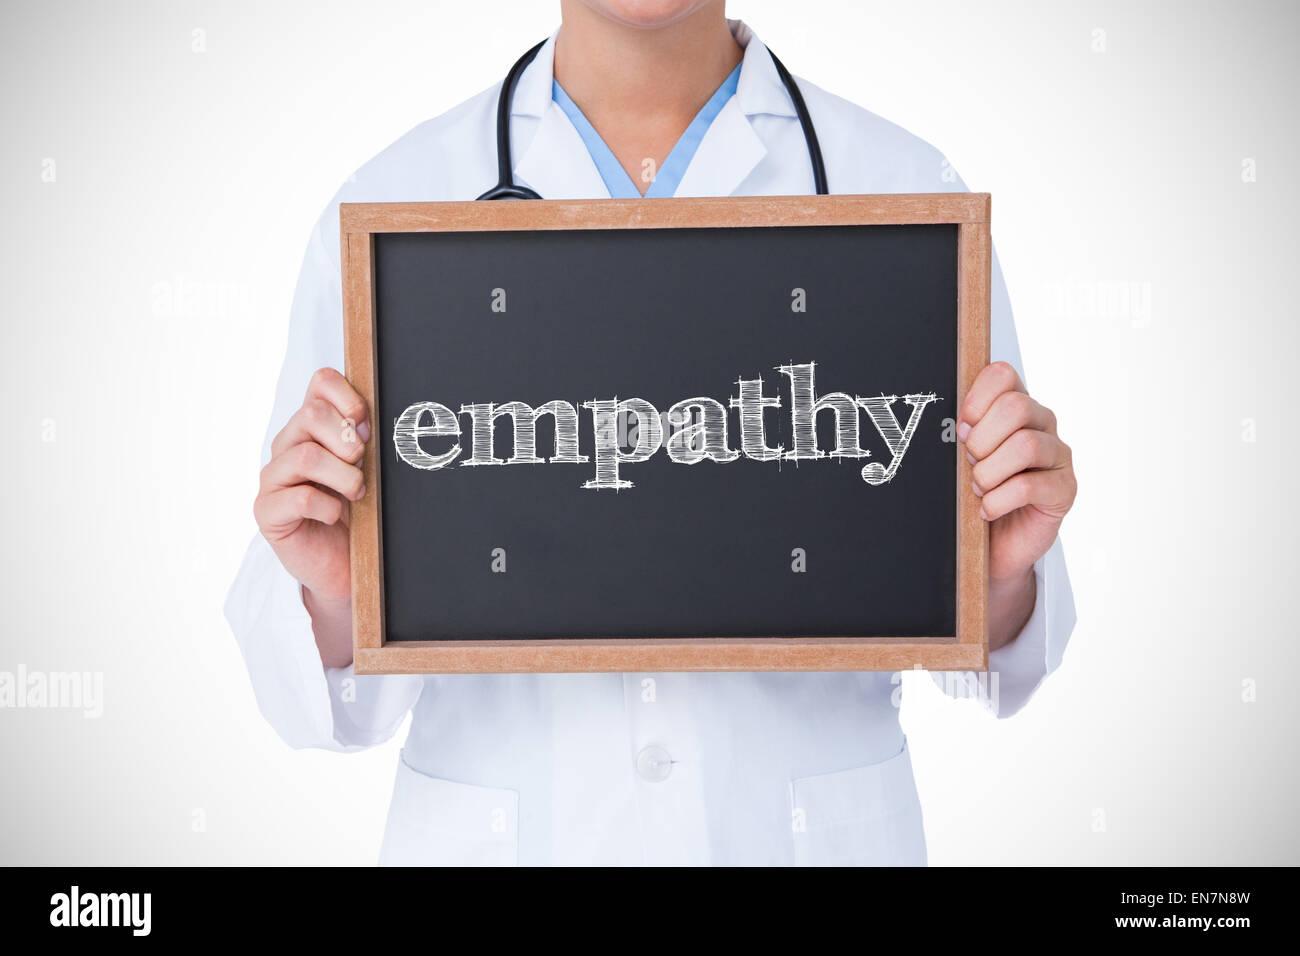 L'empathie contre docteur montrant petite ardoise Photo Stock